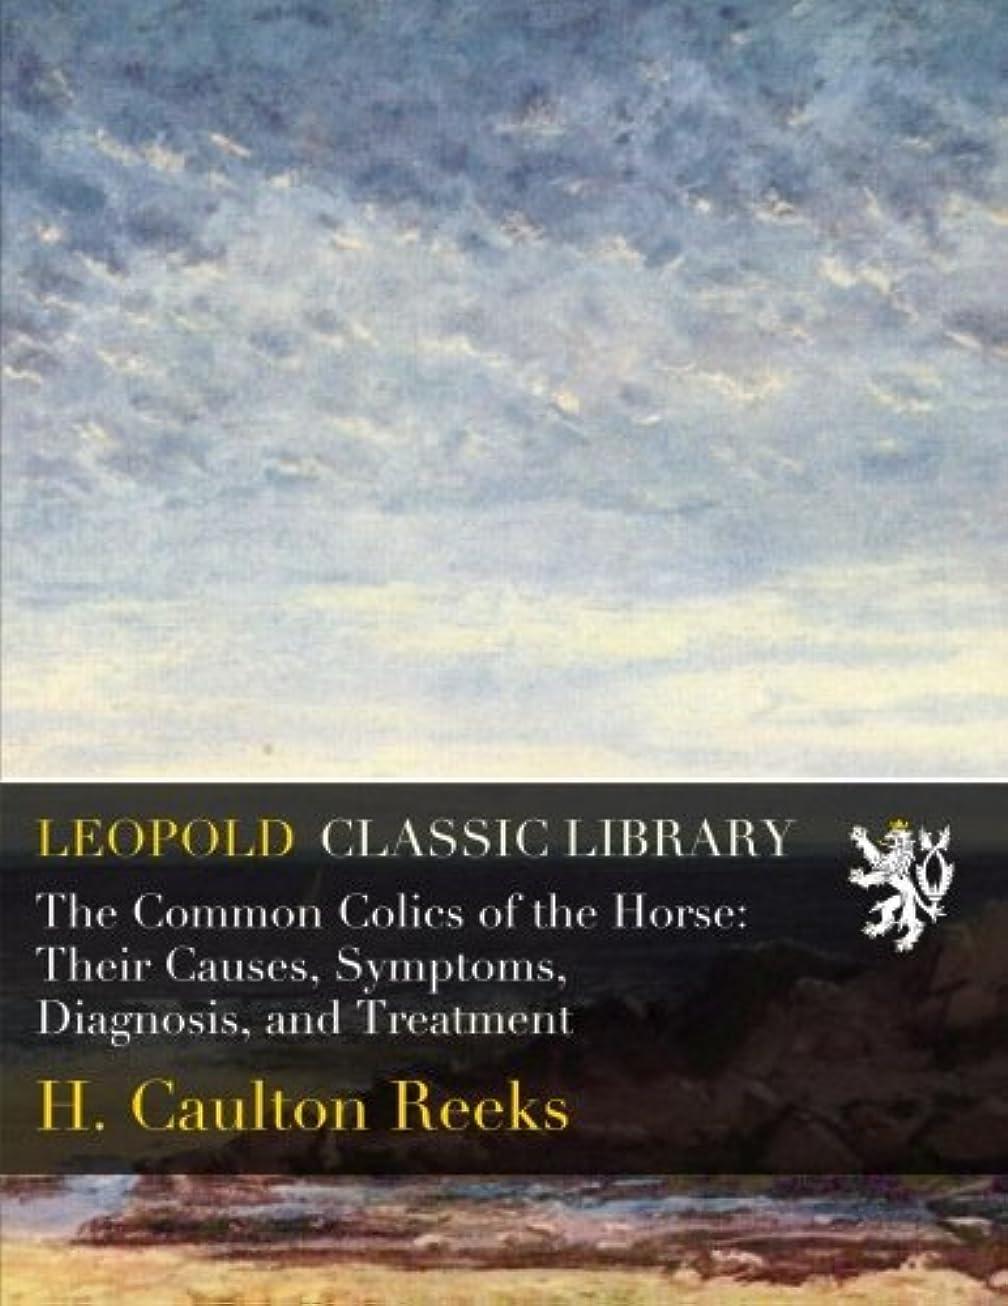 うがい用量アラバマThe Common Colics of the Horse: Their Causes, Symptoms, Diagnosis, and Treatment